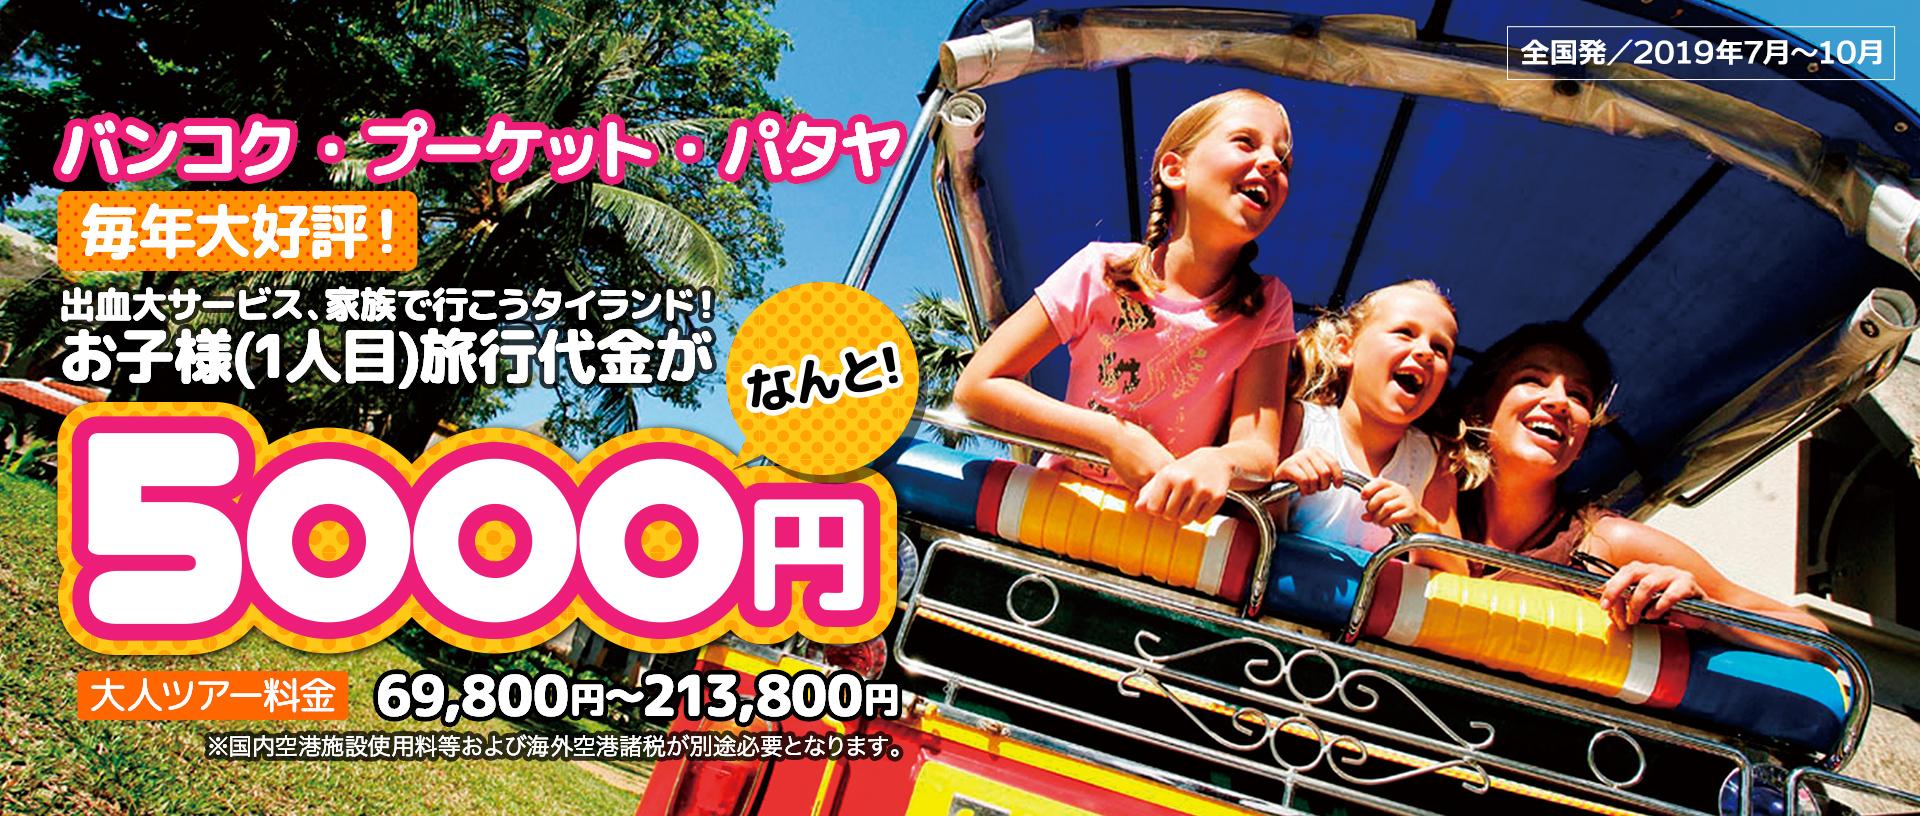 ファミリープランは15歳以下でも!なんと!5,000円のツアーをご用意しました!